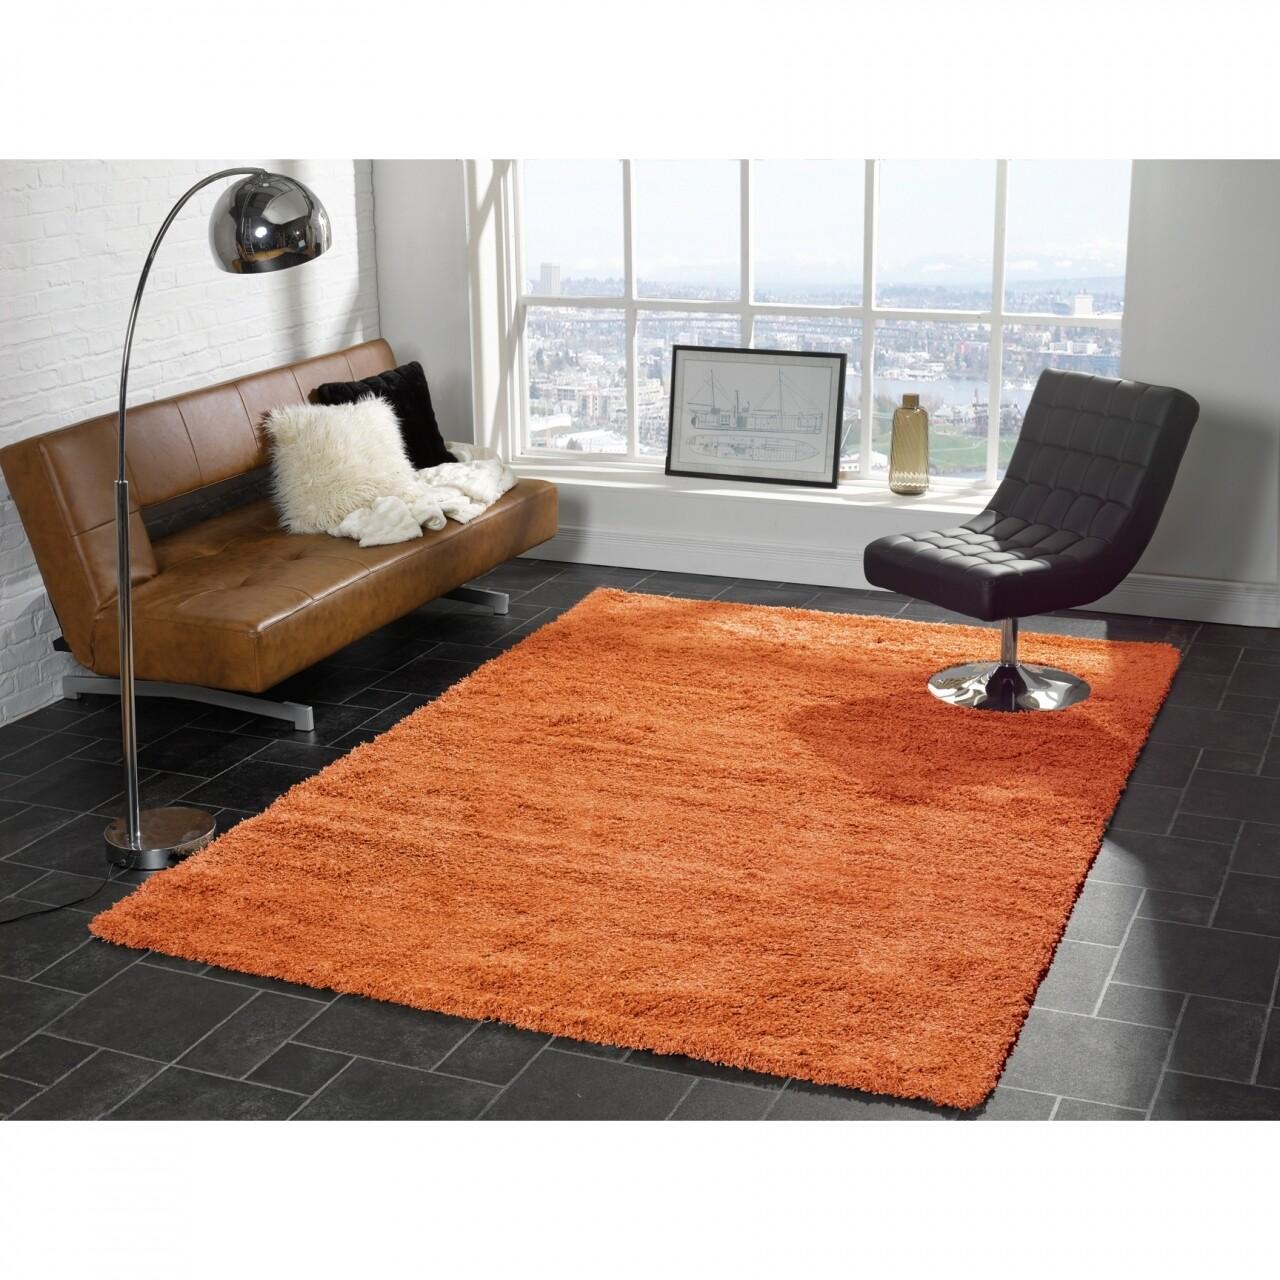 Covor Cariboo Orange, Flair Rugs, 120 x 170 cm, 100% polipropilena, portocaliu